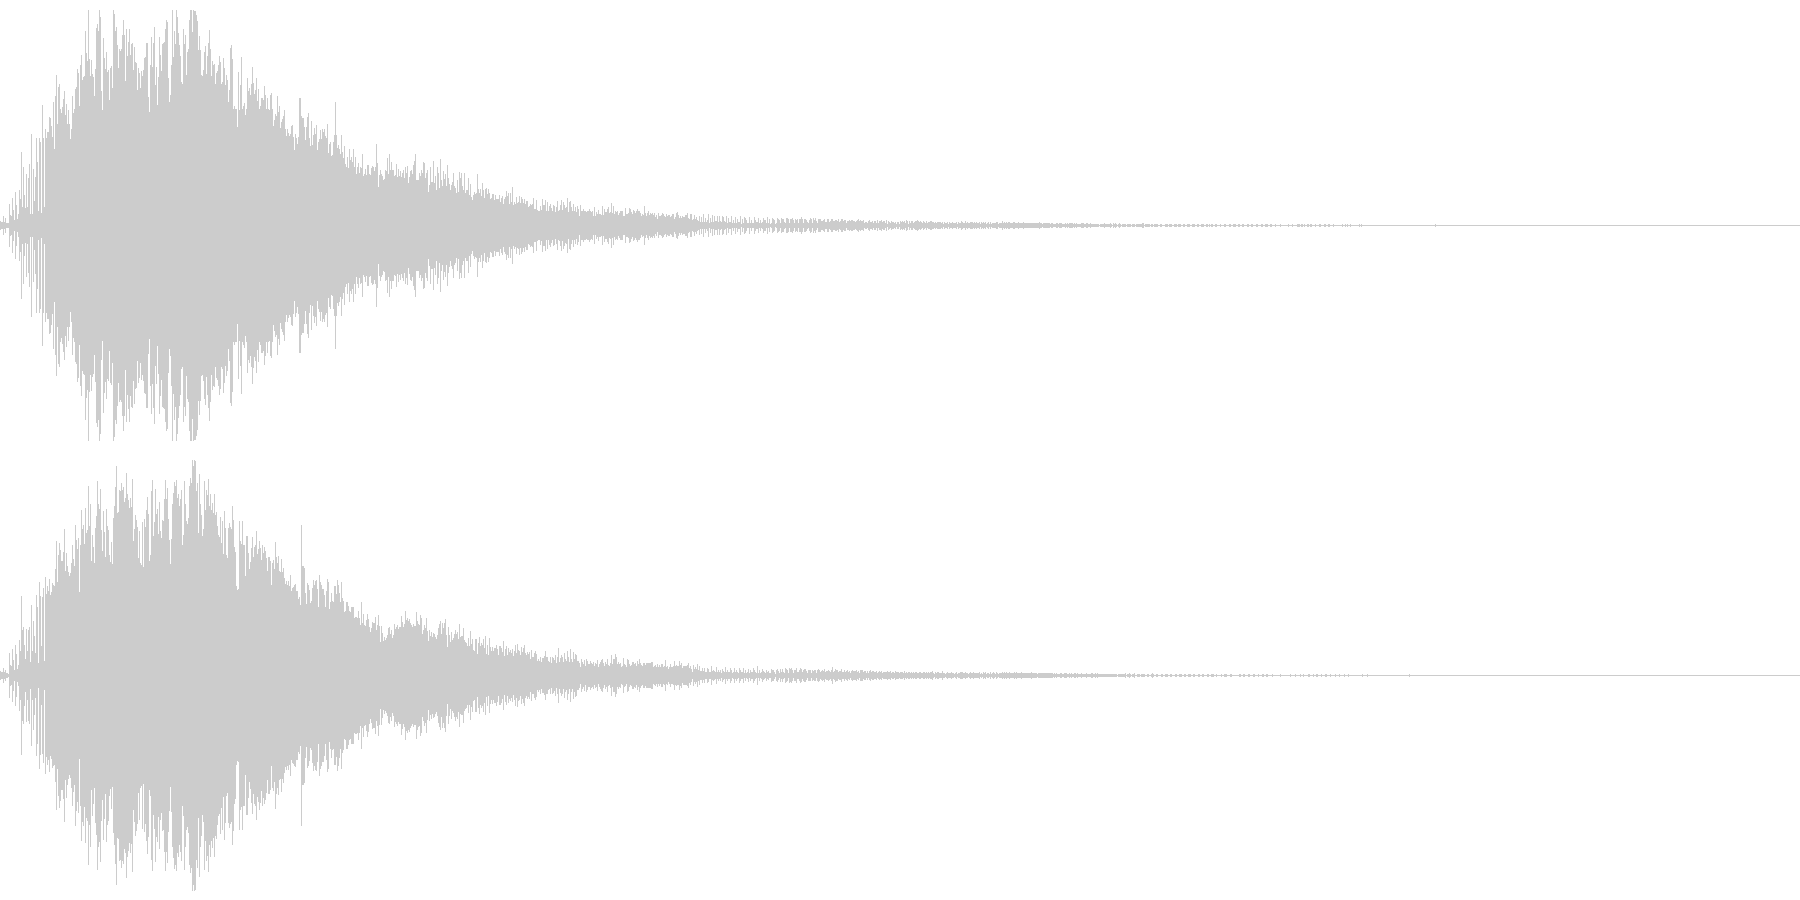 スピードアップ音01の未再生の波形